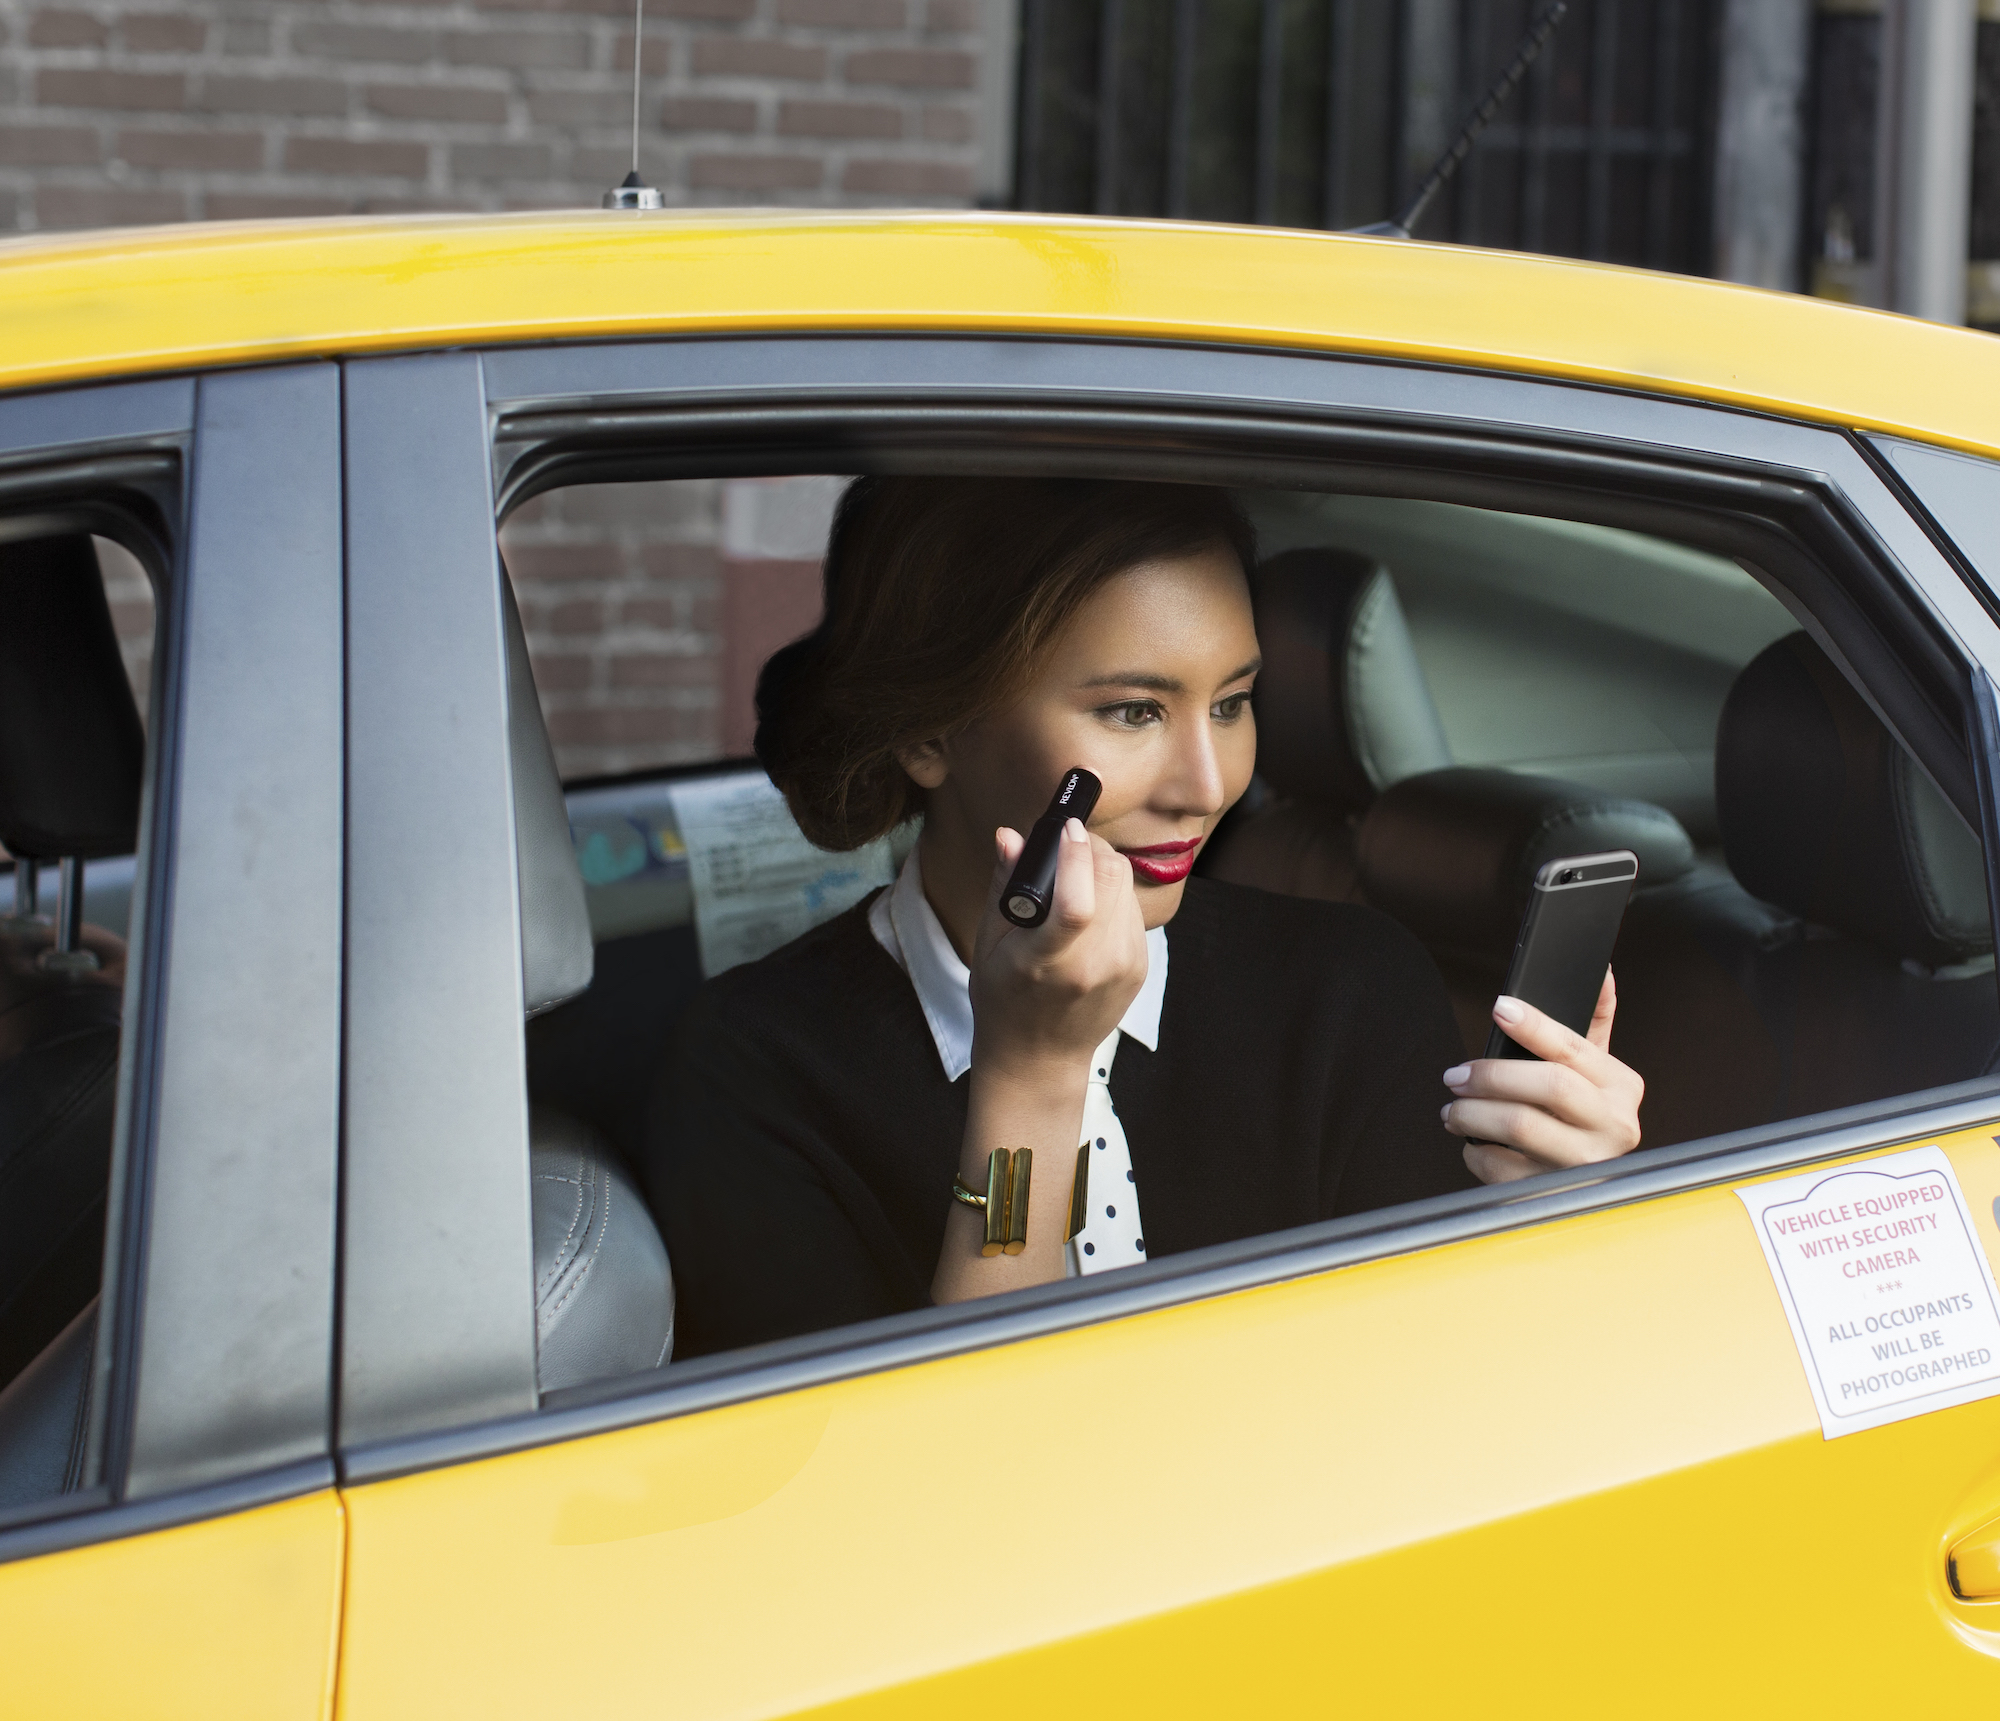 applying-makeup-in-car